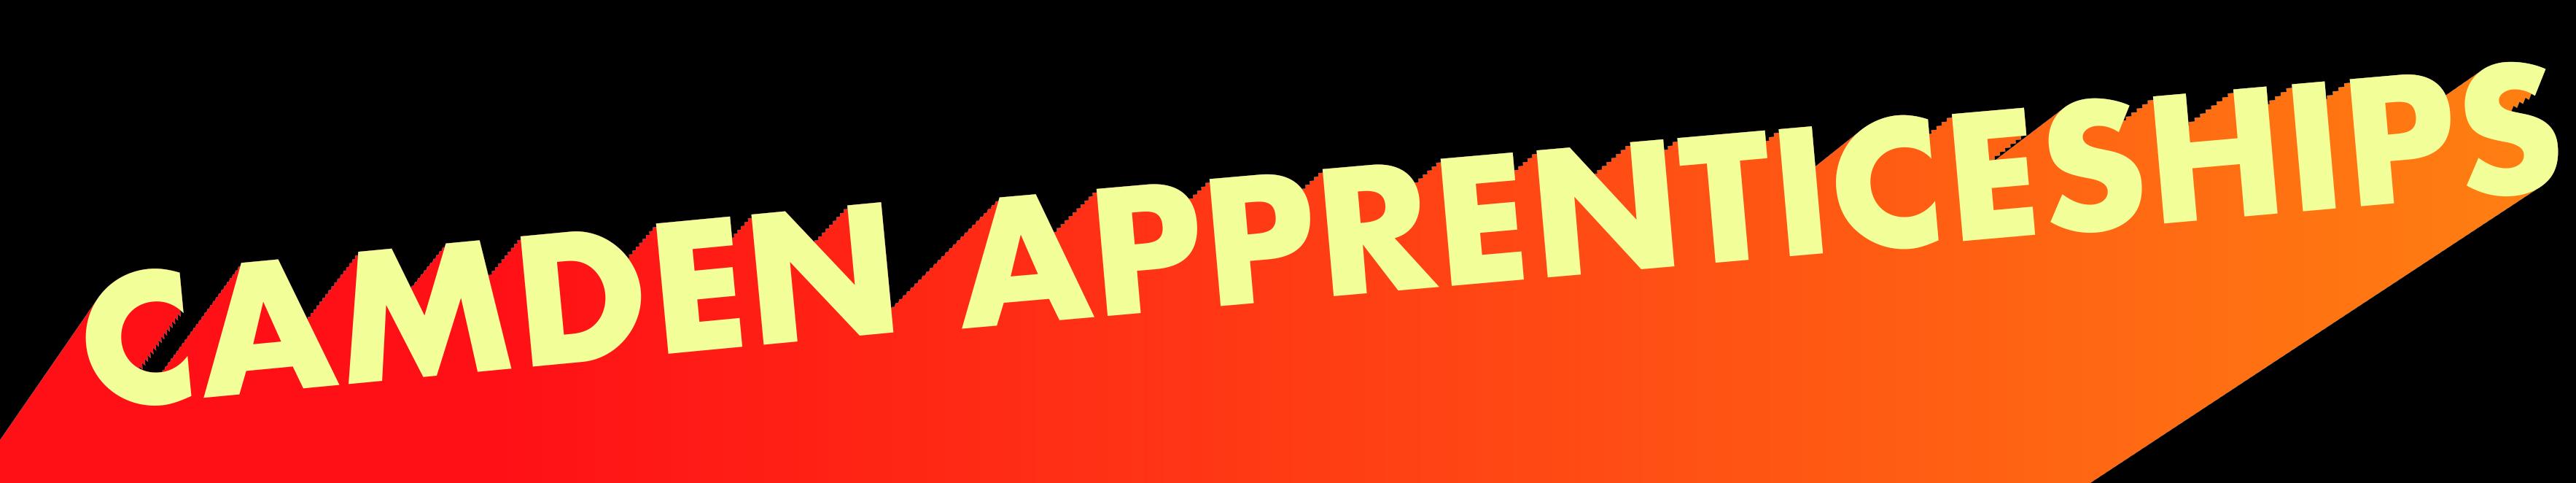 Camden Apprenticeships Banner